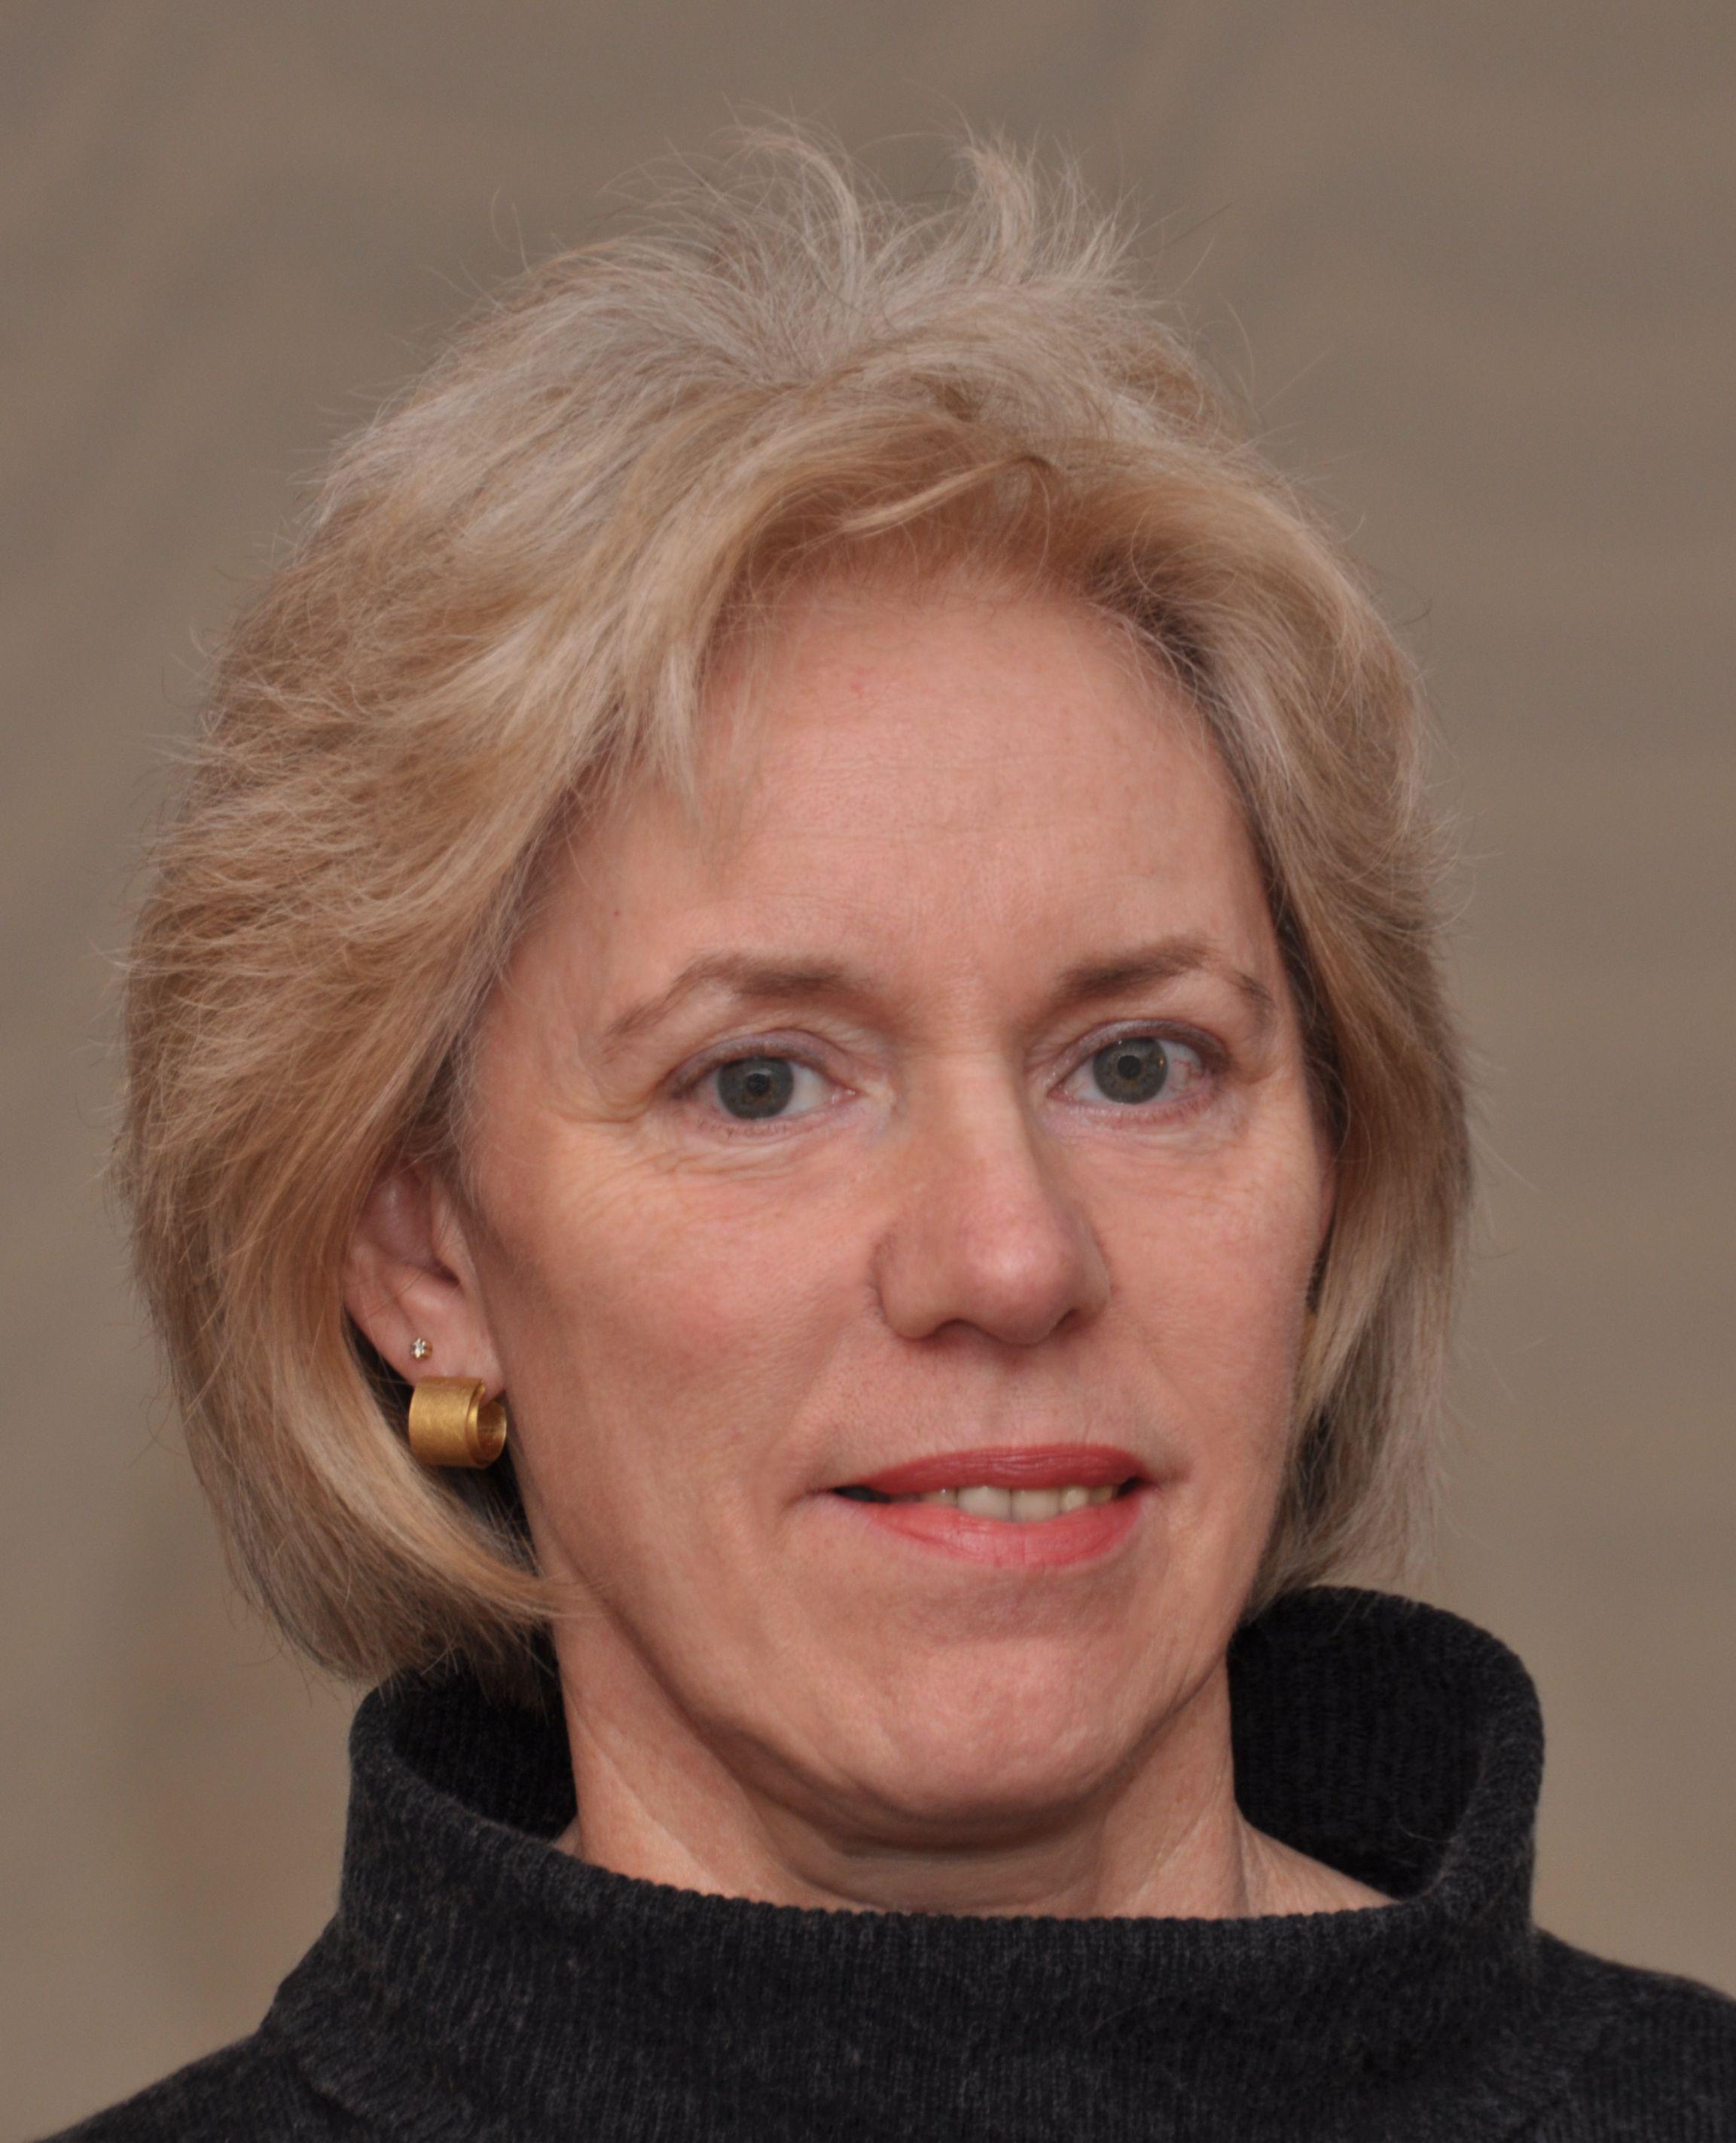 Dr. Lucia Kuhn-Nentwig, Institut für Ökologie und Evolution, Universität Bern  Bild: Lucia Kuhn-Nentwig